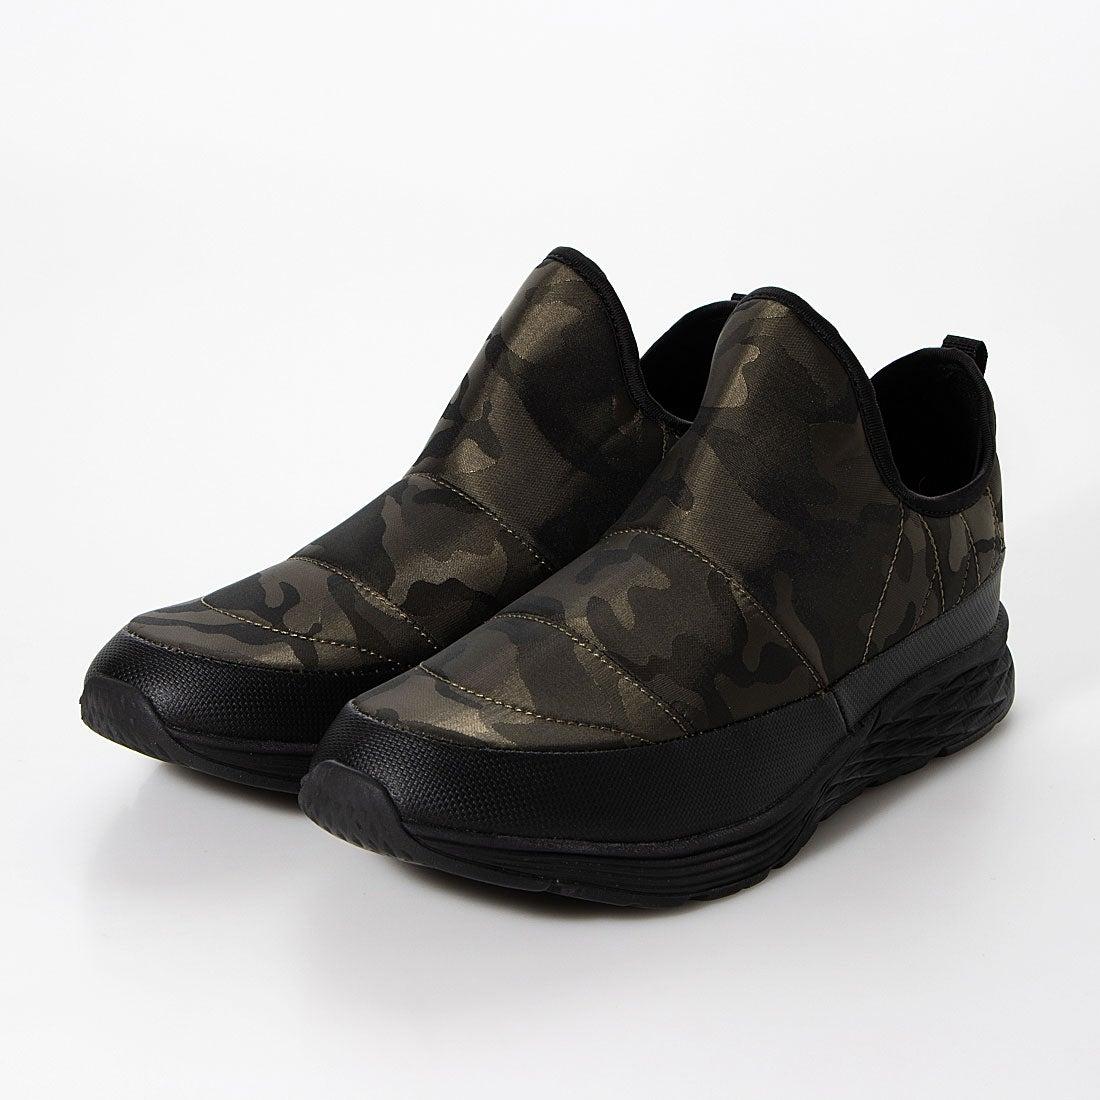 ロコンド 靴とファッションの通販サイトスタイルブロック STYLEBLOCK 難燃素材アウトドアシューズ (グリーンカモ)